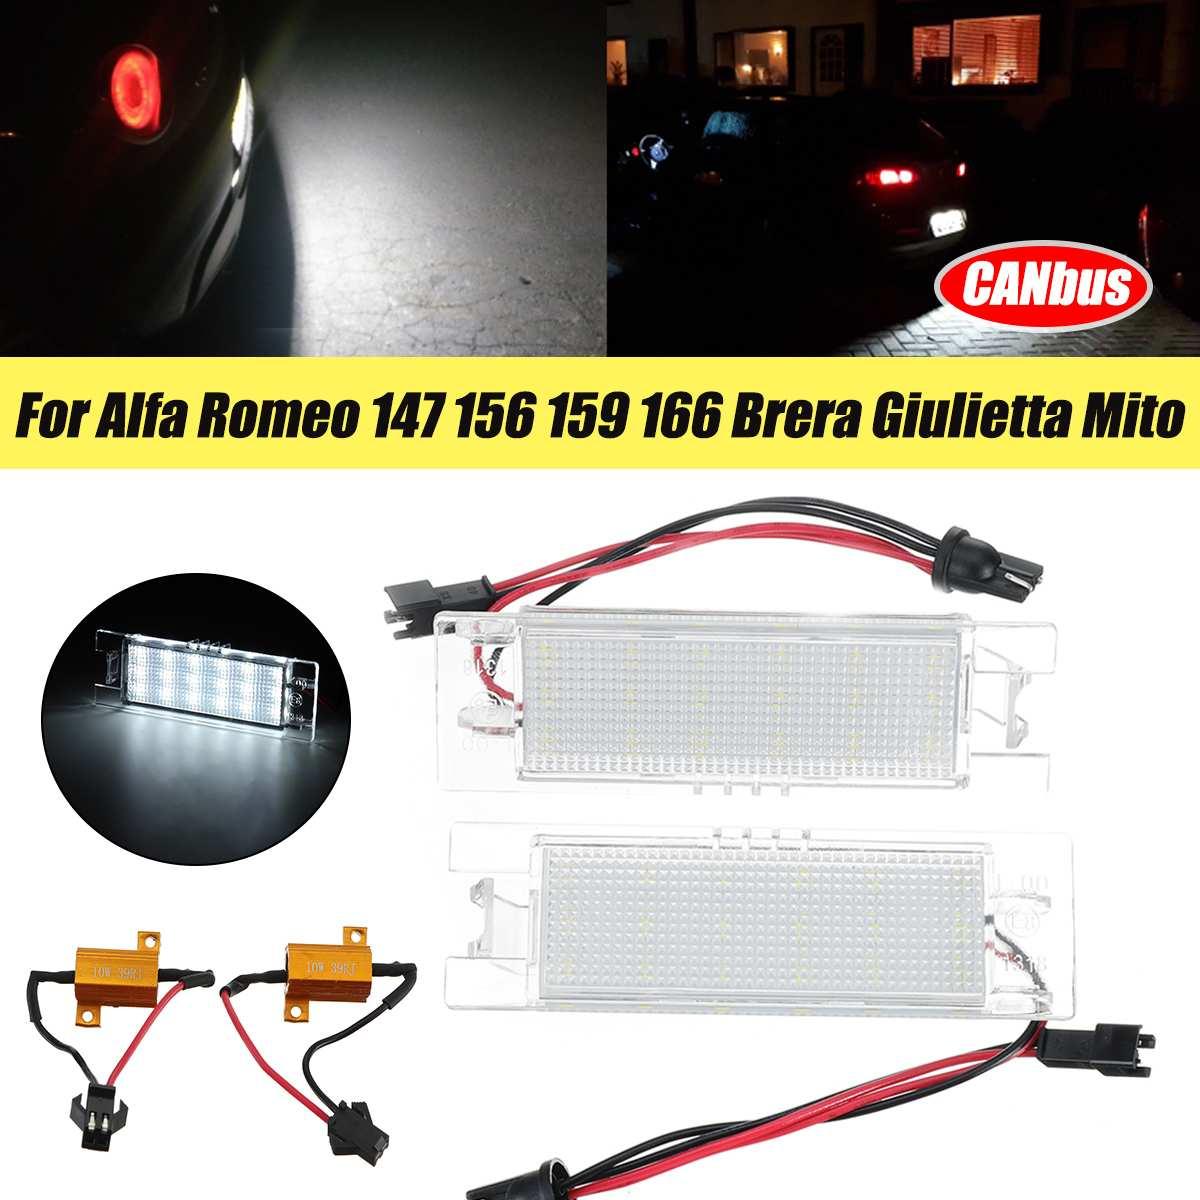 Buy Brera Number Light Best Deals On Brera Number Light From Global Brera Number Light Suppliers C7ec43 Jvaglass